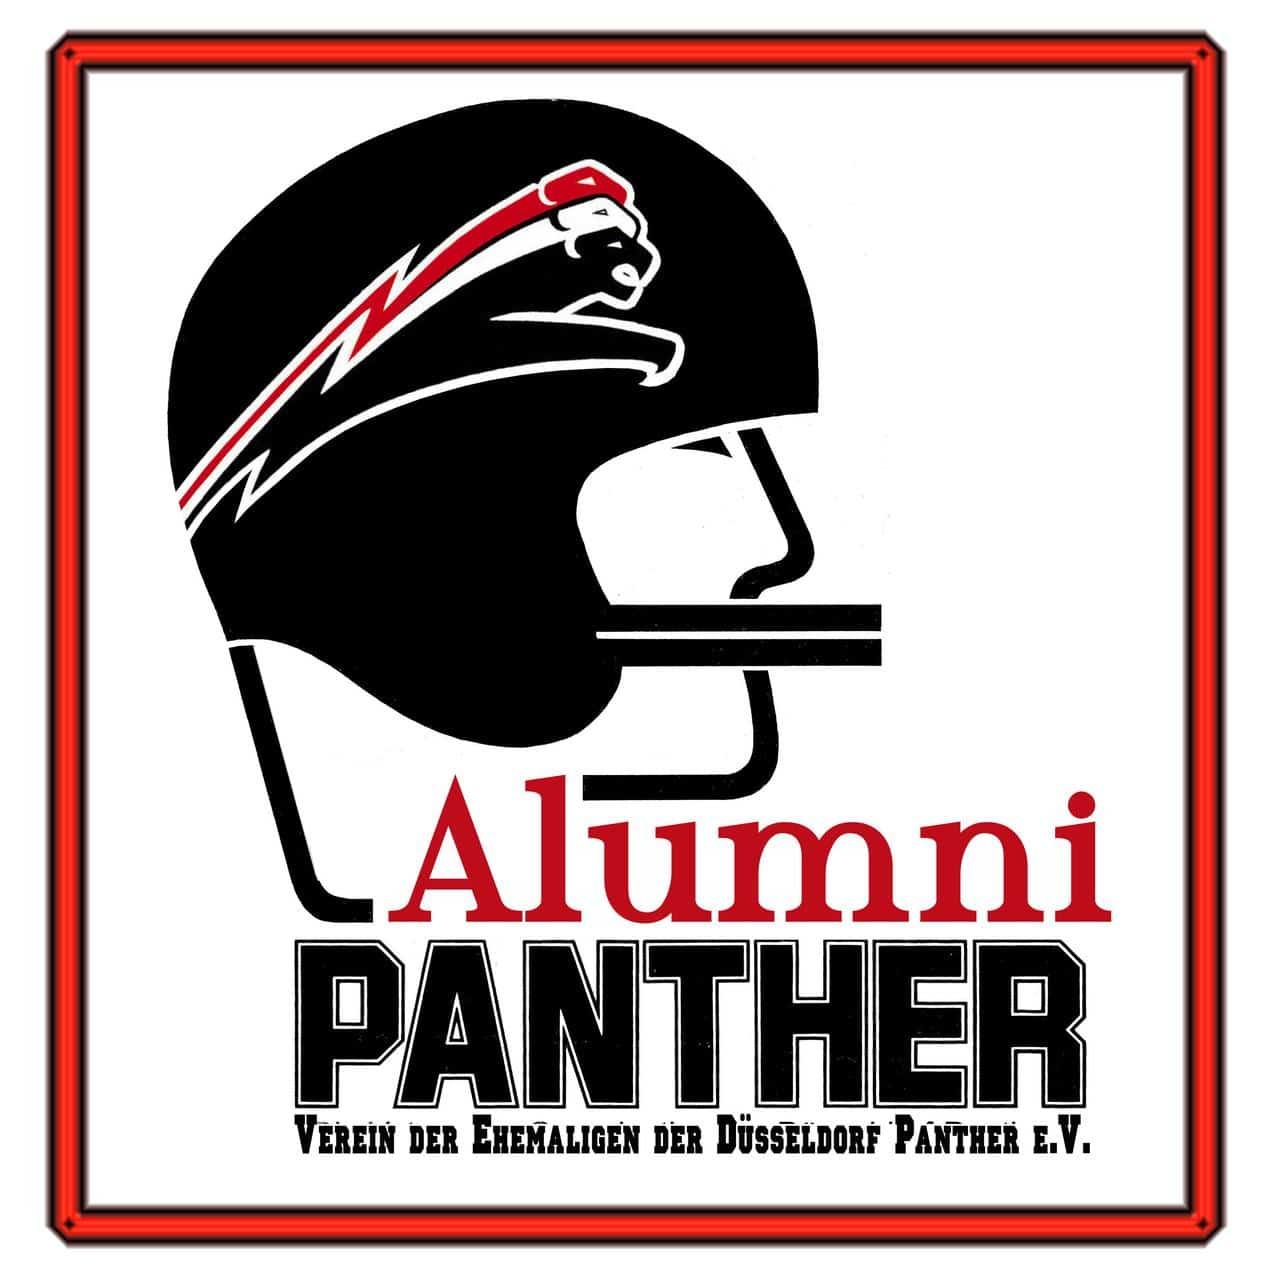 Alumni Panther mit Rahmen u. Untertitel b Kopie